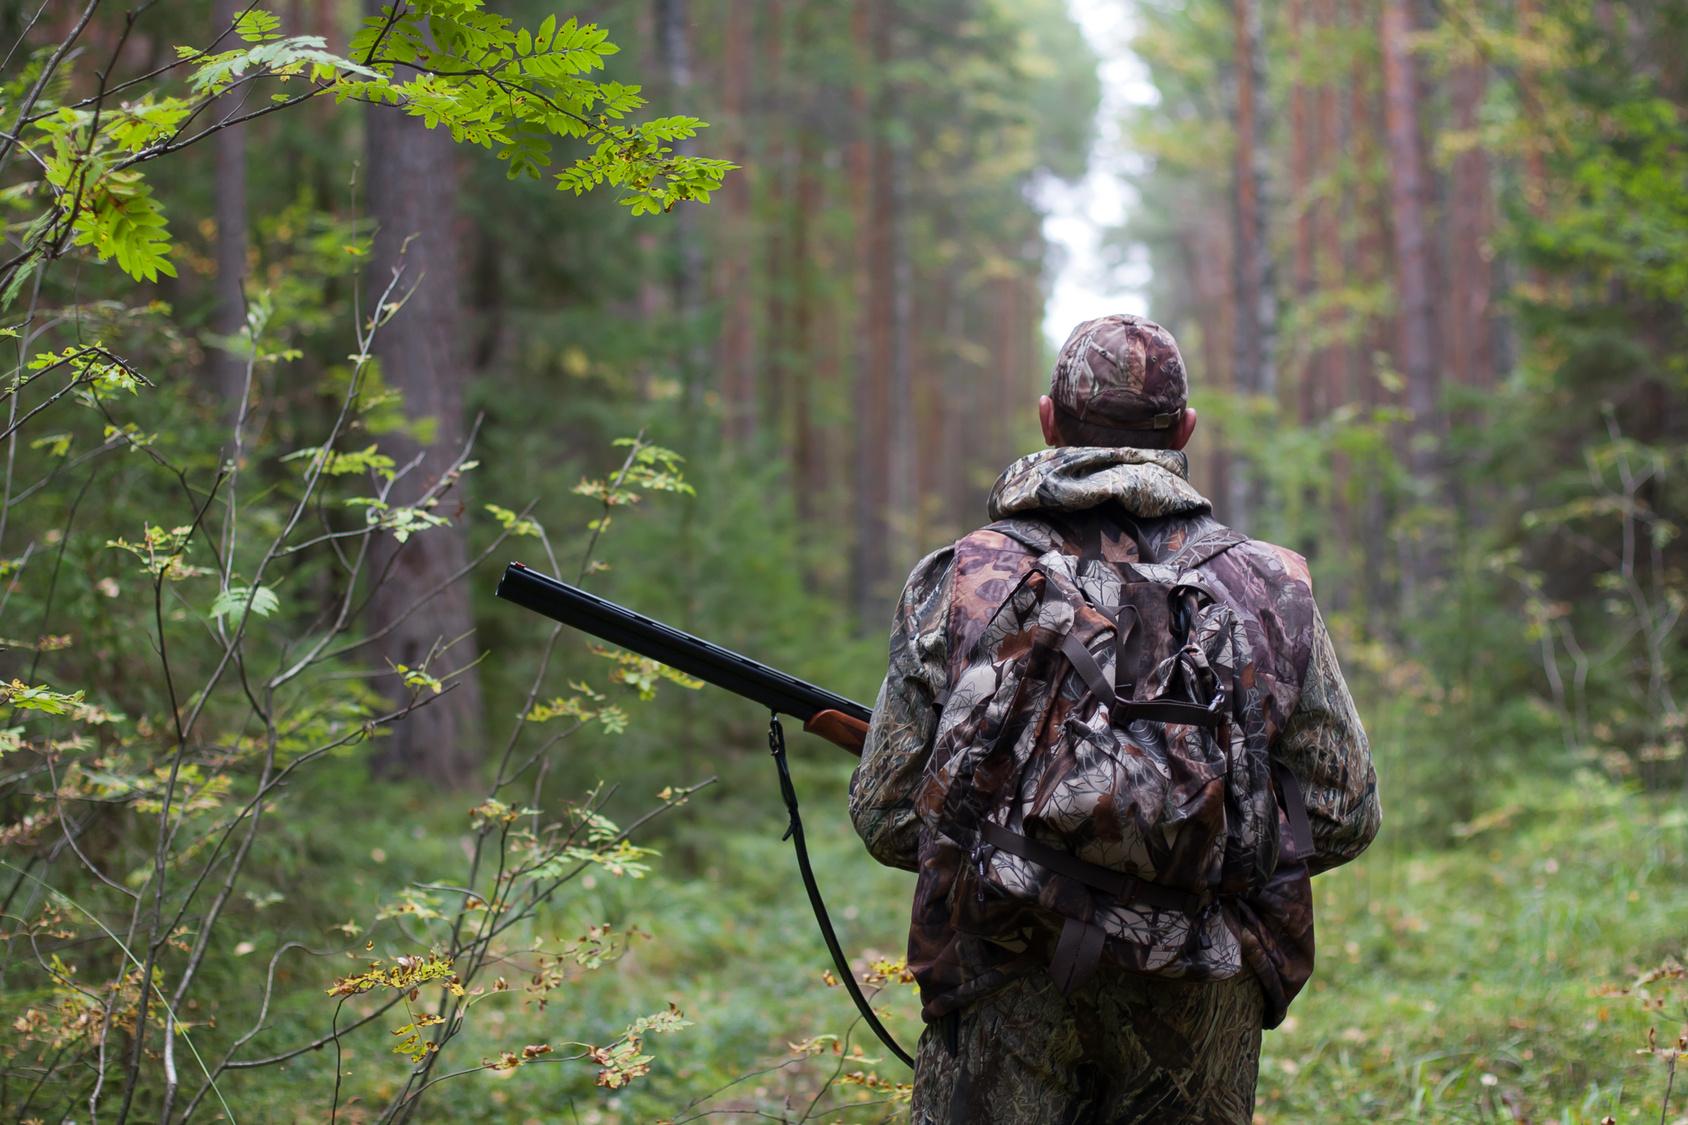 Da Malta a Pozzallo per cacciare illegalmente, 12 denunce